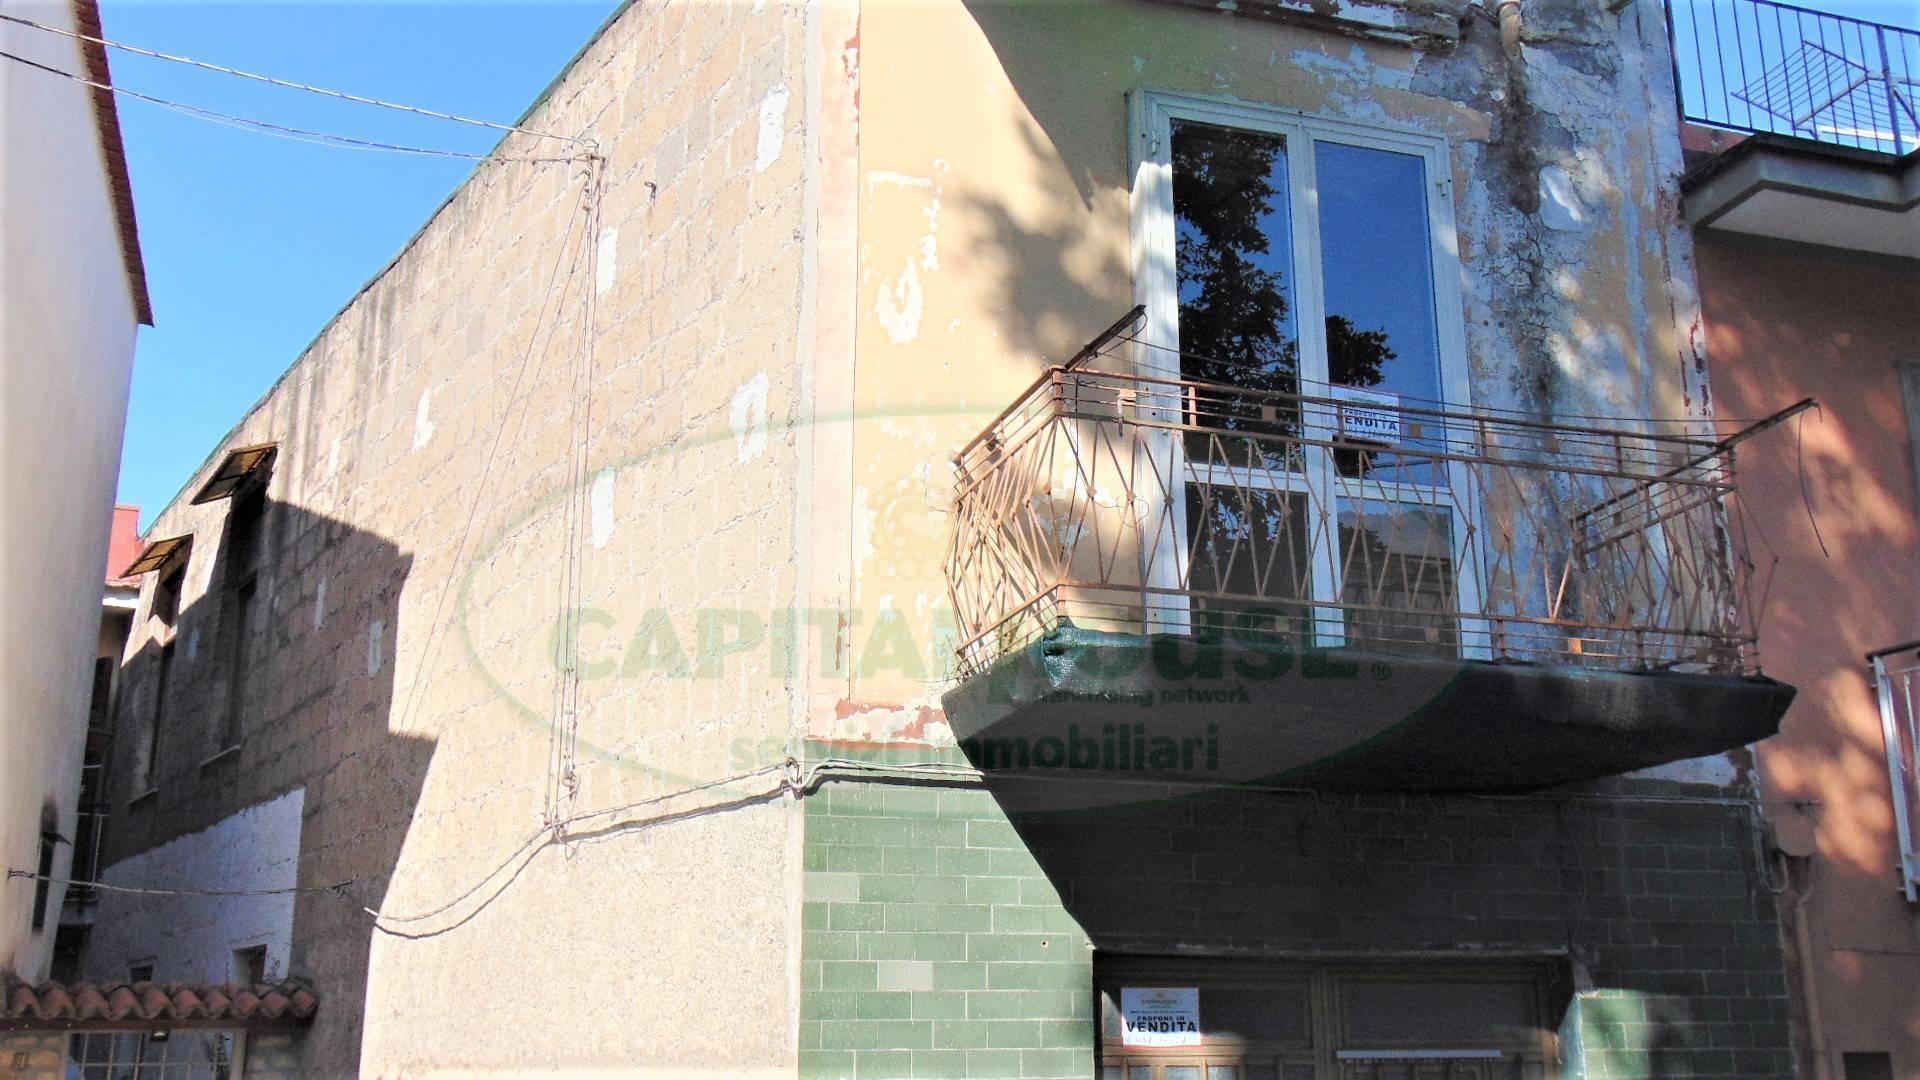 Soluzione Indipendente in vendita a Sirignano, 4 locali, prezzo € 55.000 | CambioCasa.it